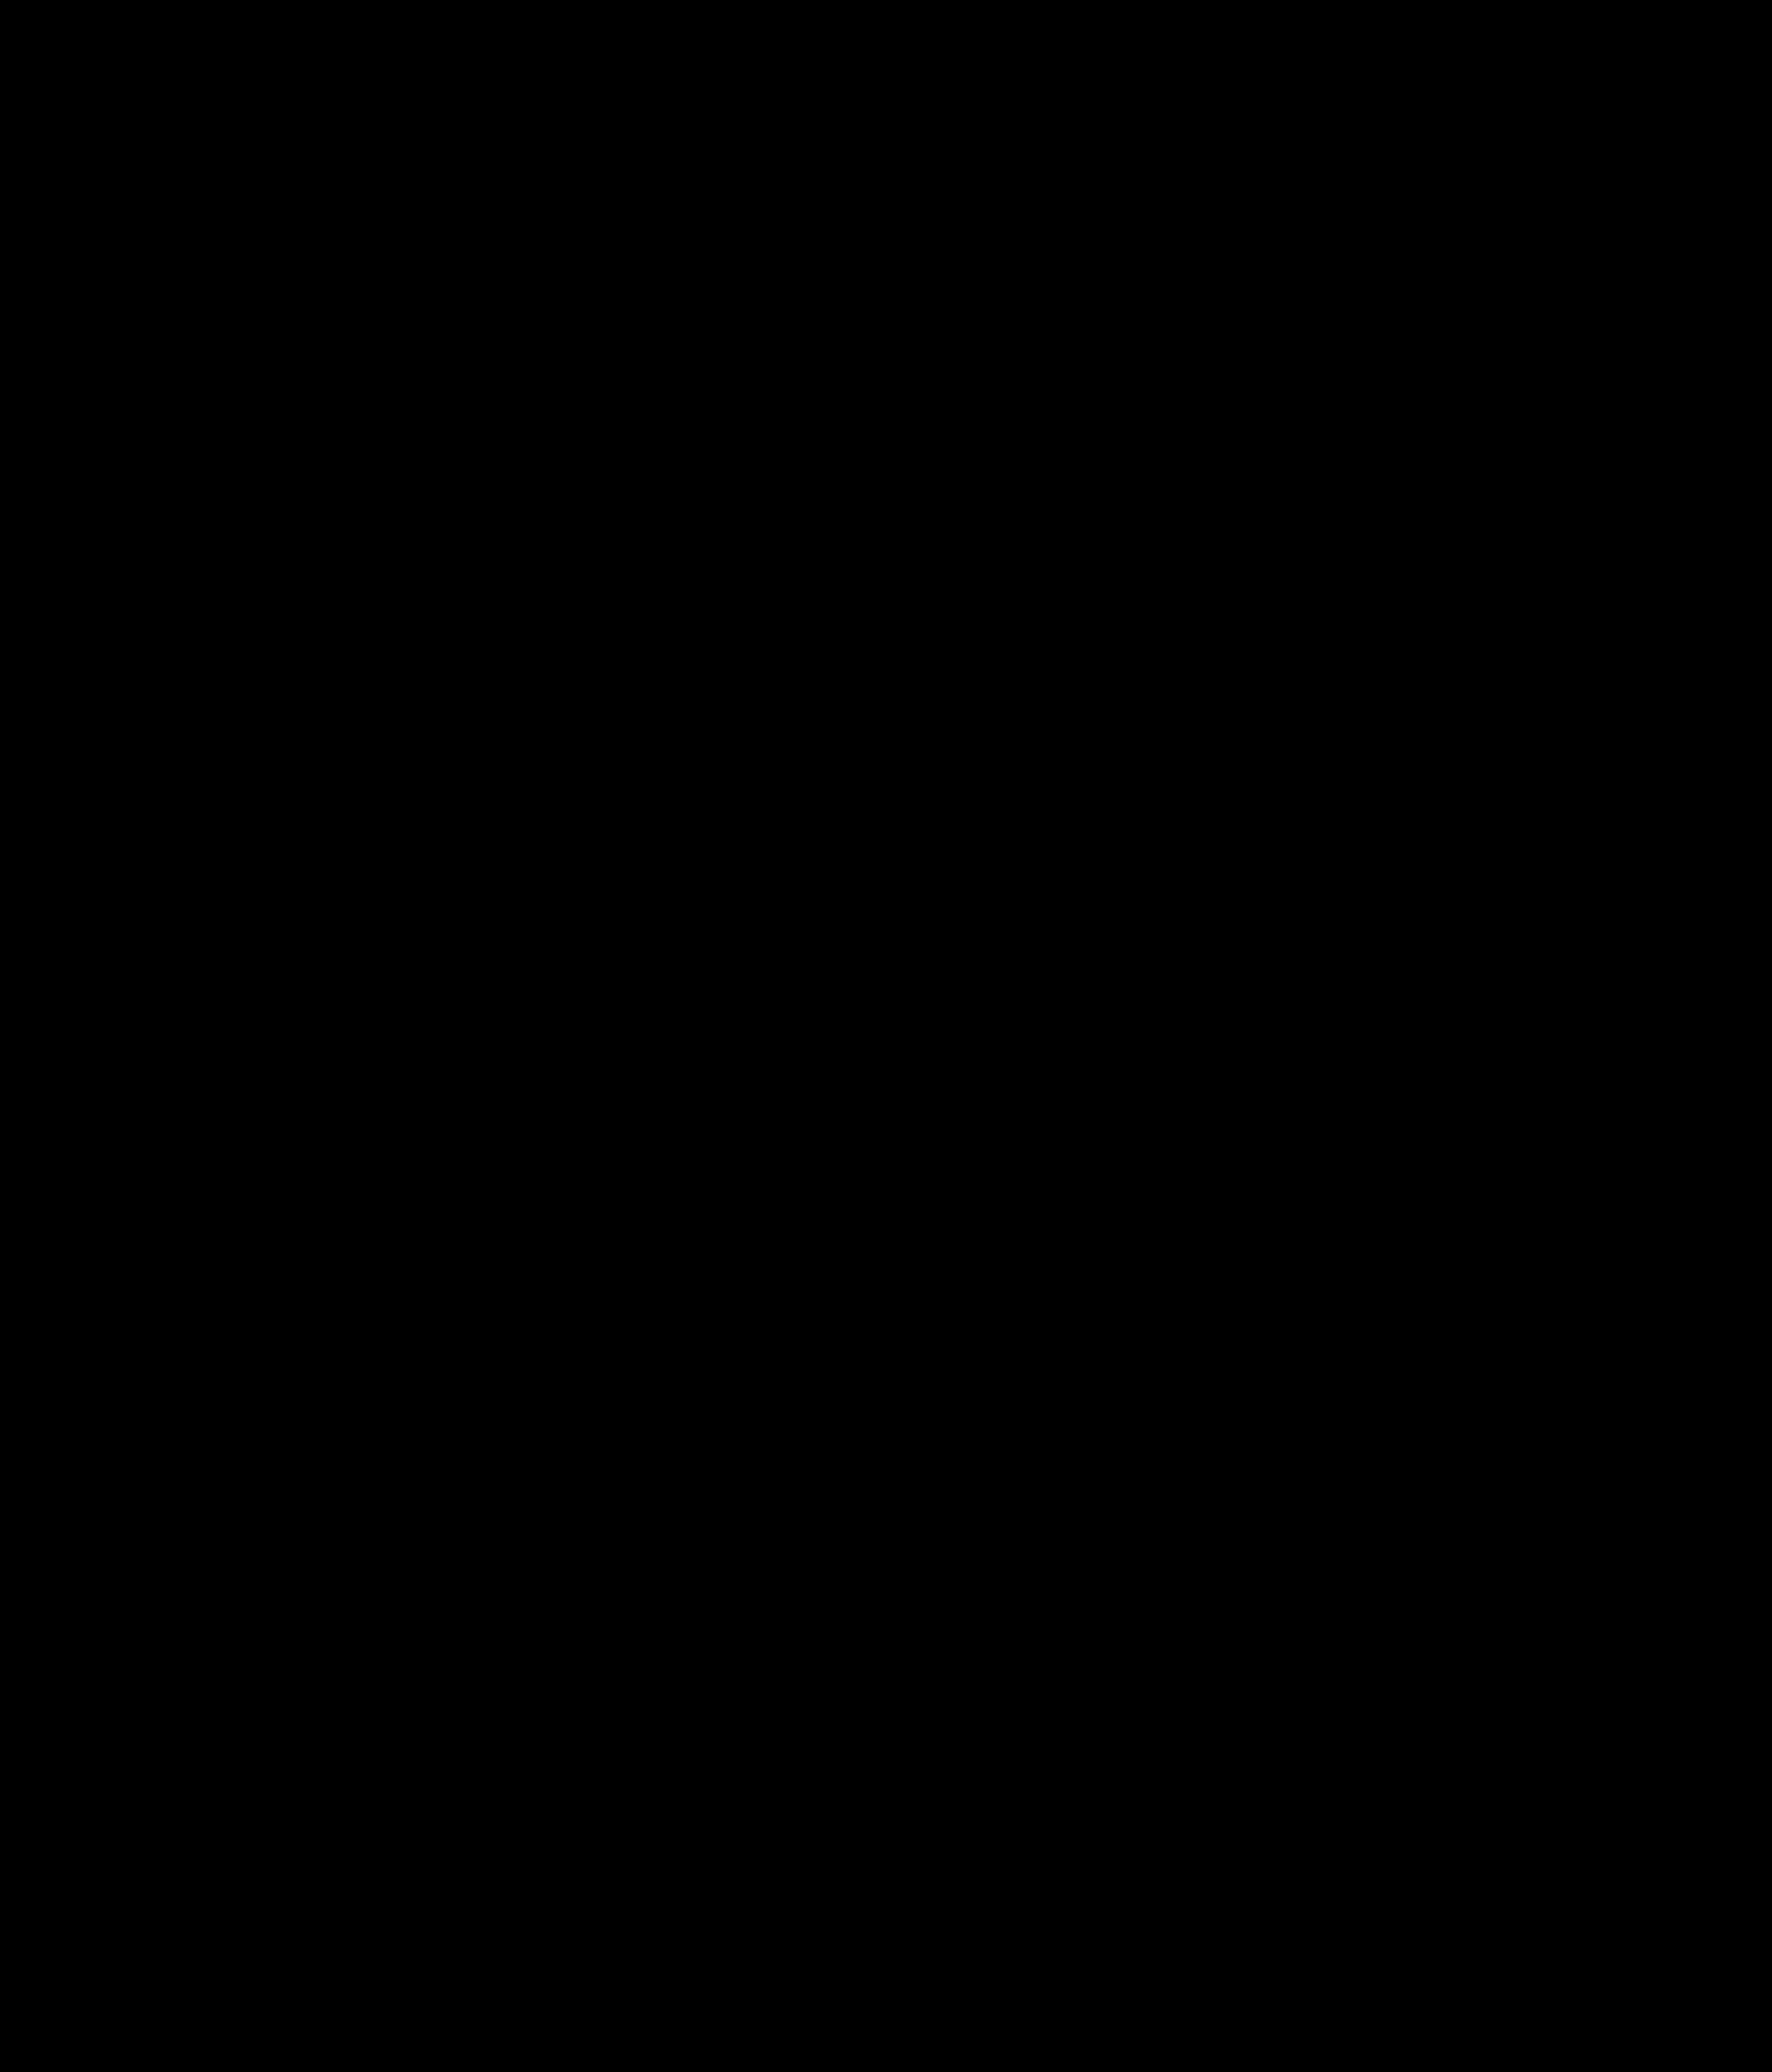 Clipart castle symbol. Chess symbols set big